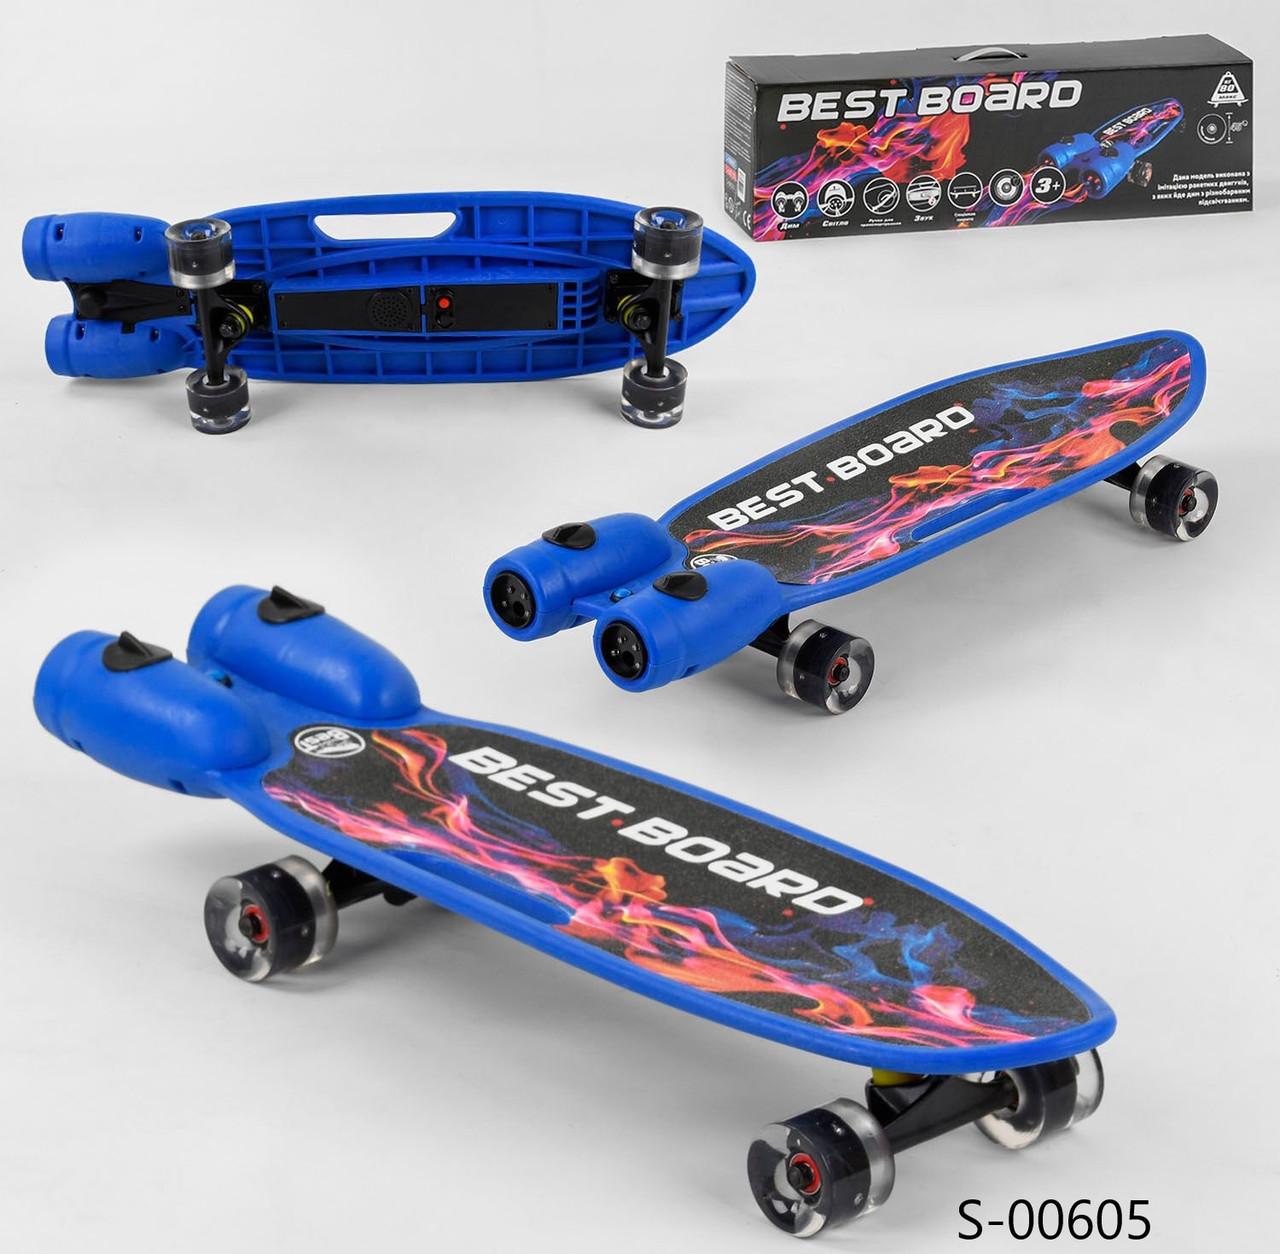 Скейтборд Best Board з музикою і димом, USB зарядка